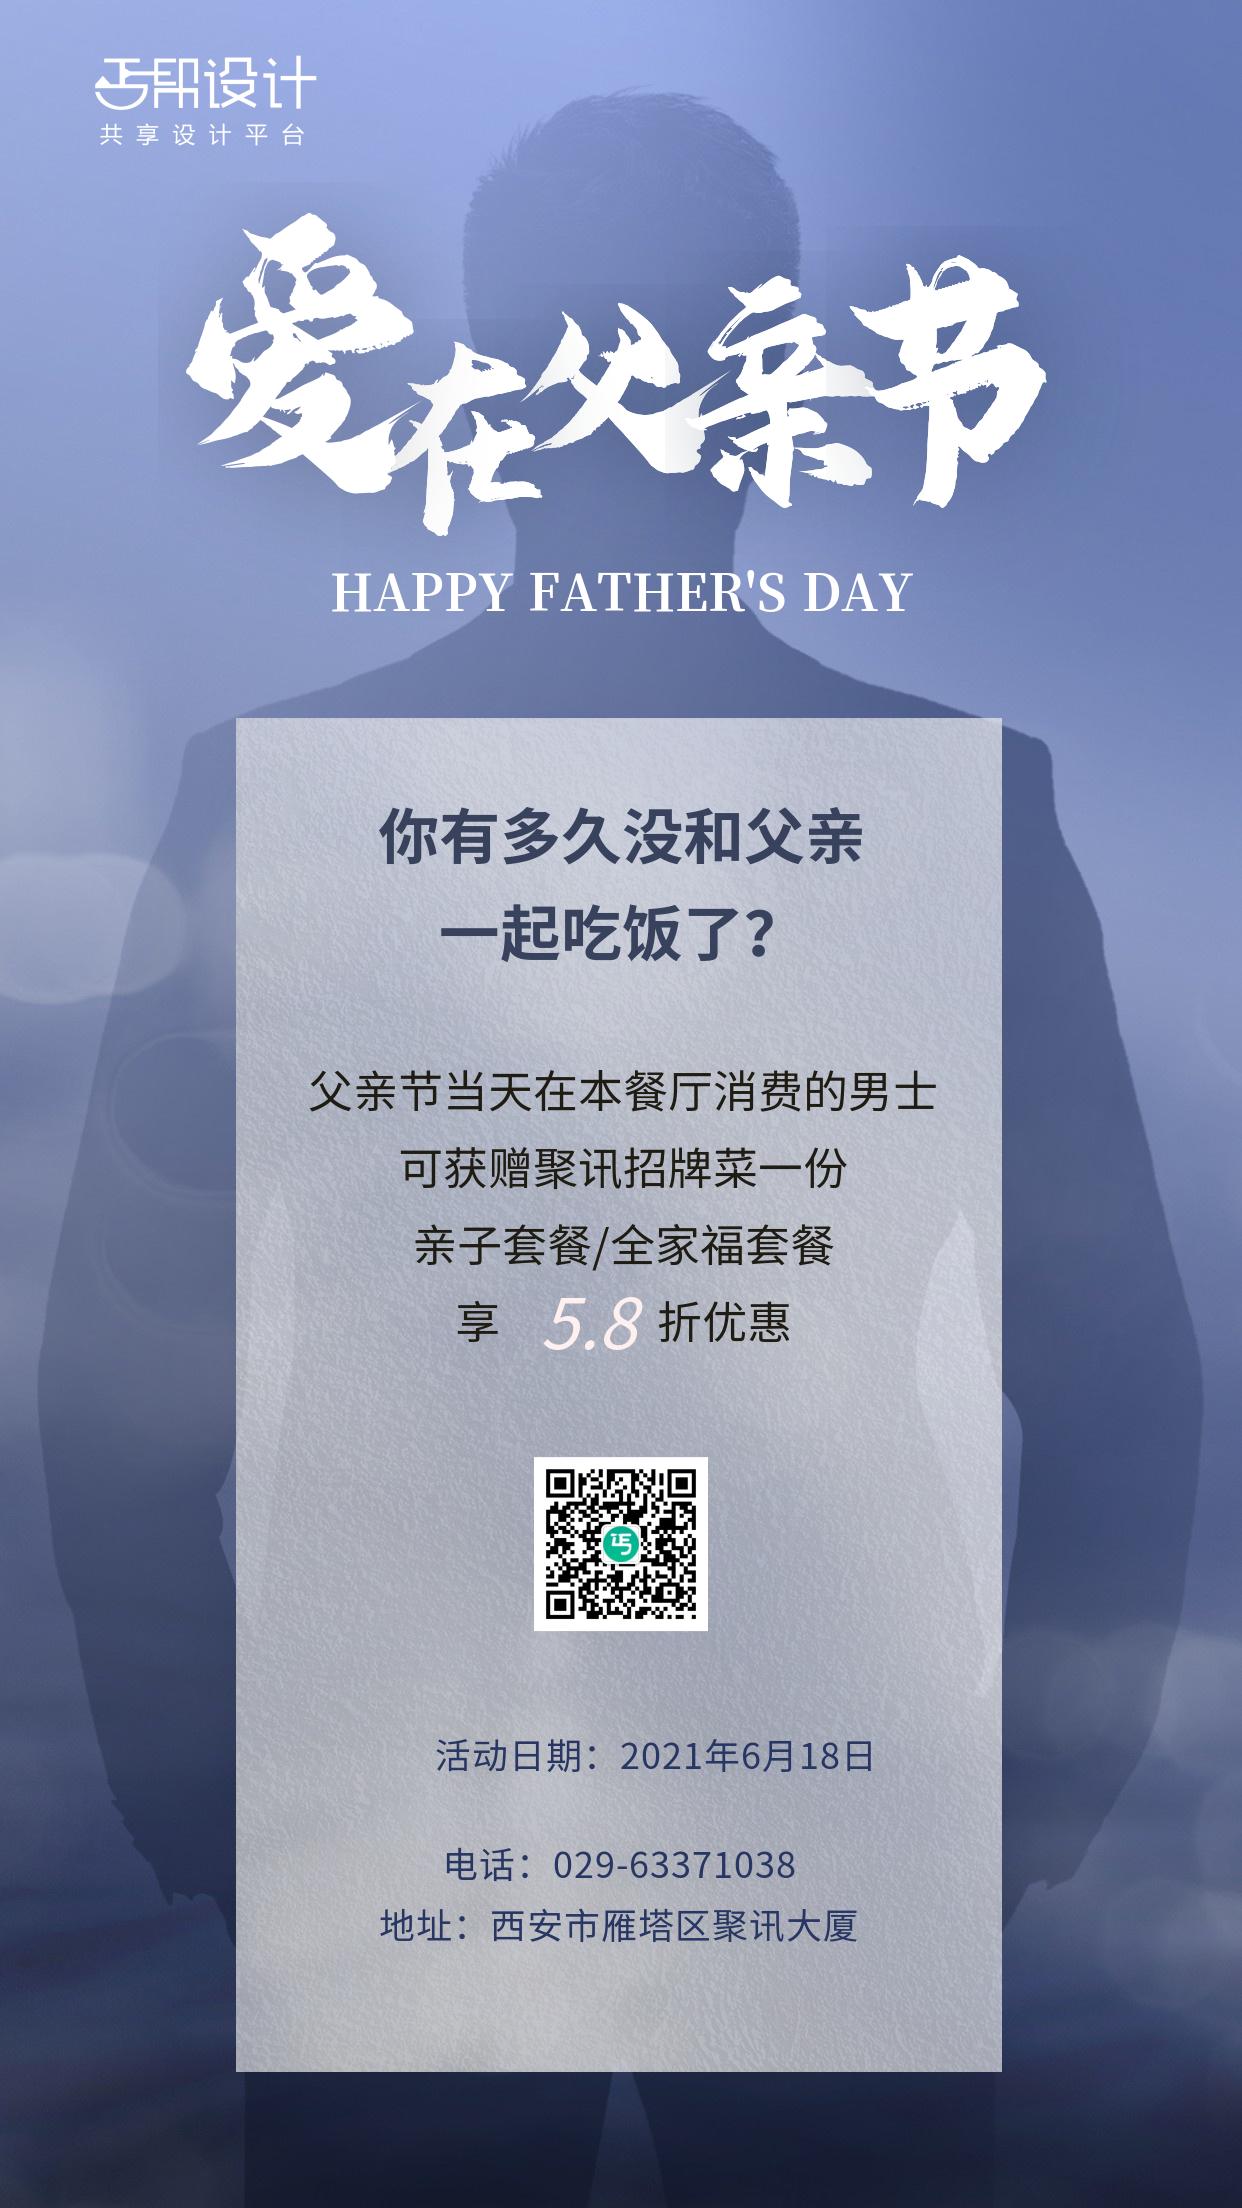 父亲节营销活动促销餐饮海报